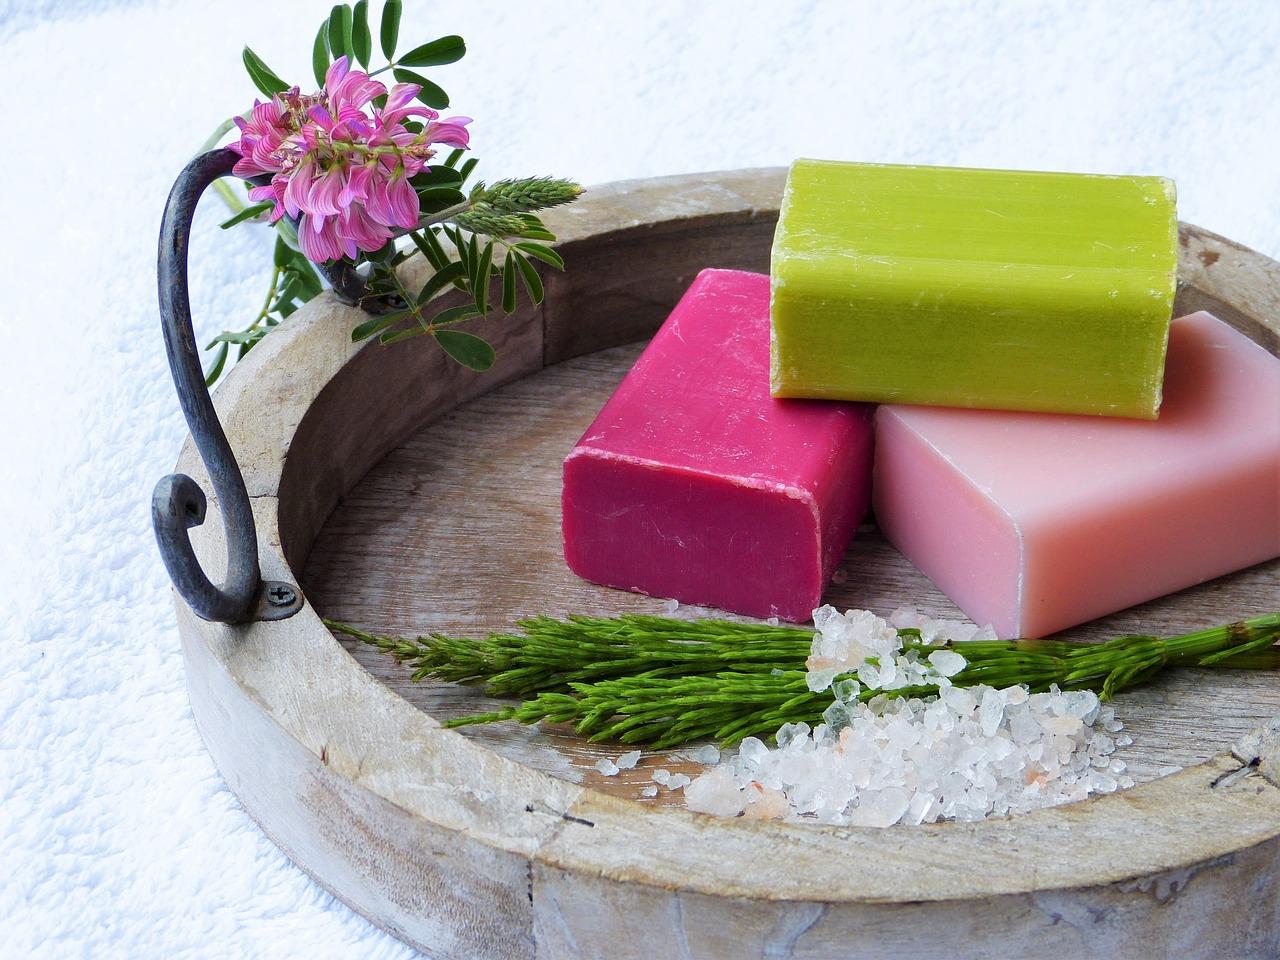 barevná mýdla